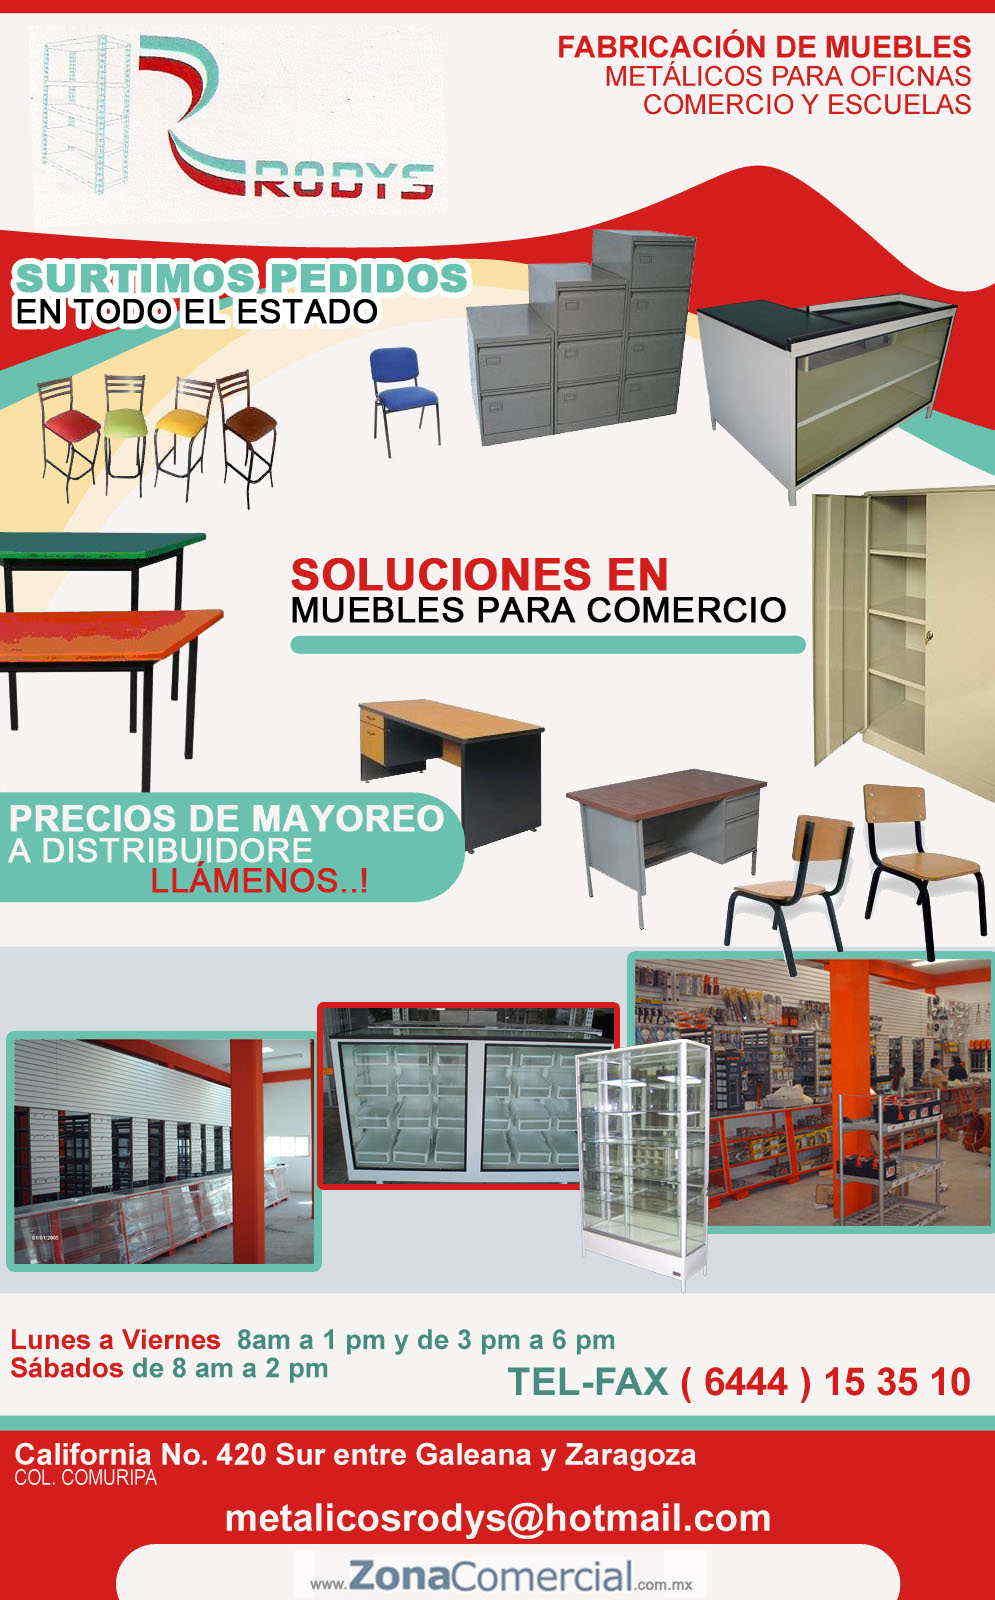 Metalicos economicos rodys en ciudad obreg n anunciado por for Muebles para oficina economicos